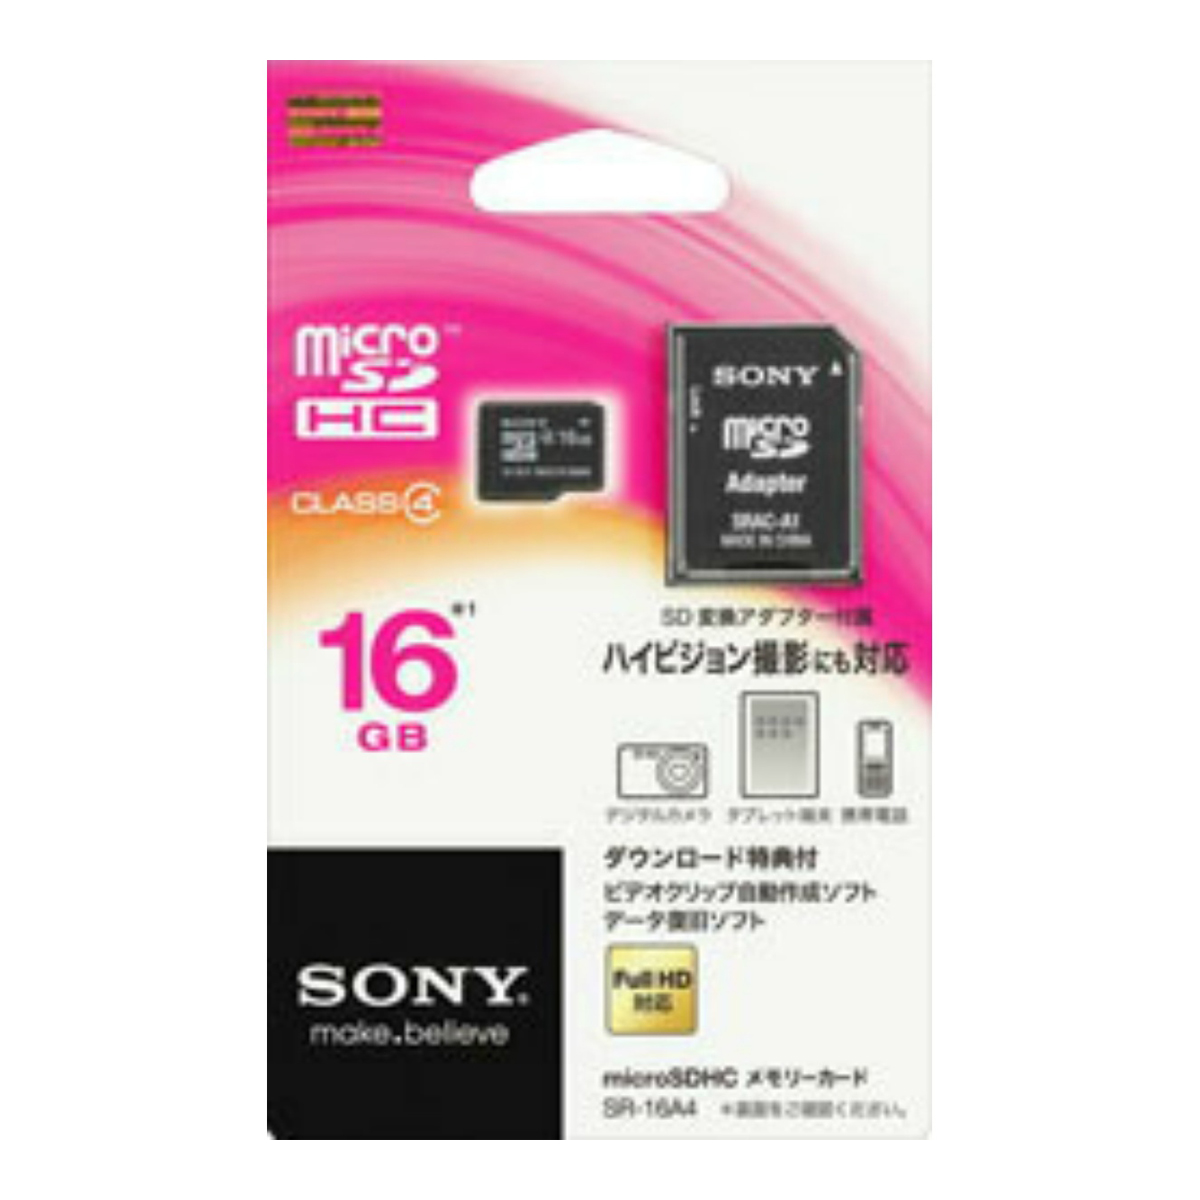 【送料込】ソニーマーケティング マイクロSDカード16GB SR-16A4×100点セット まとめ買い特価!ケース販売 ( 4905524810974 )